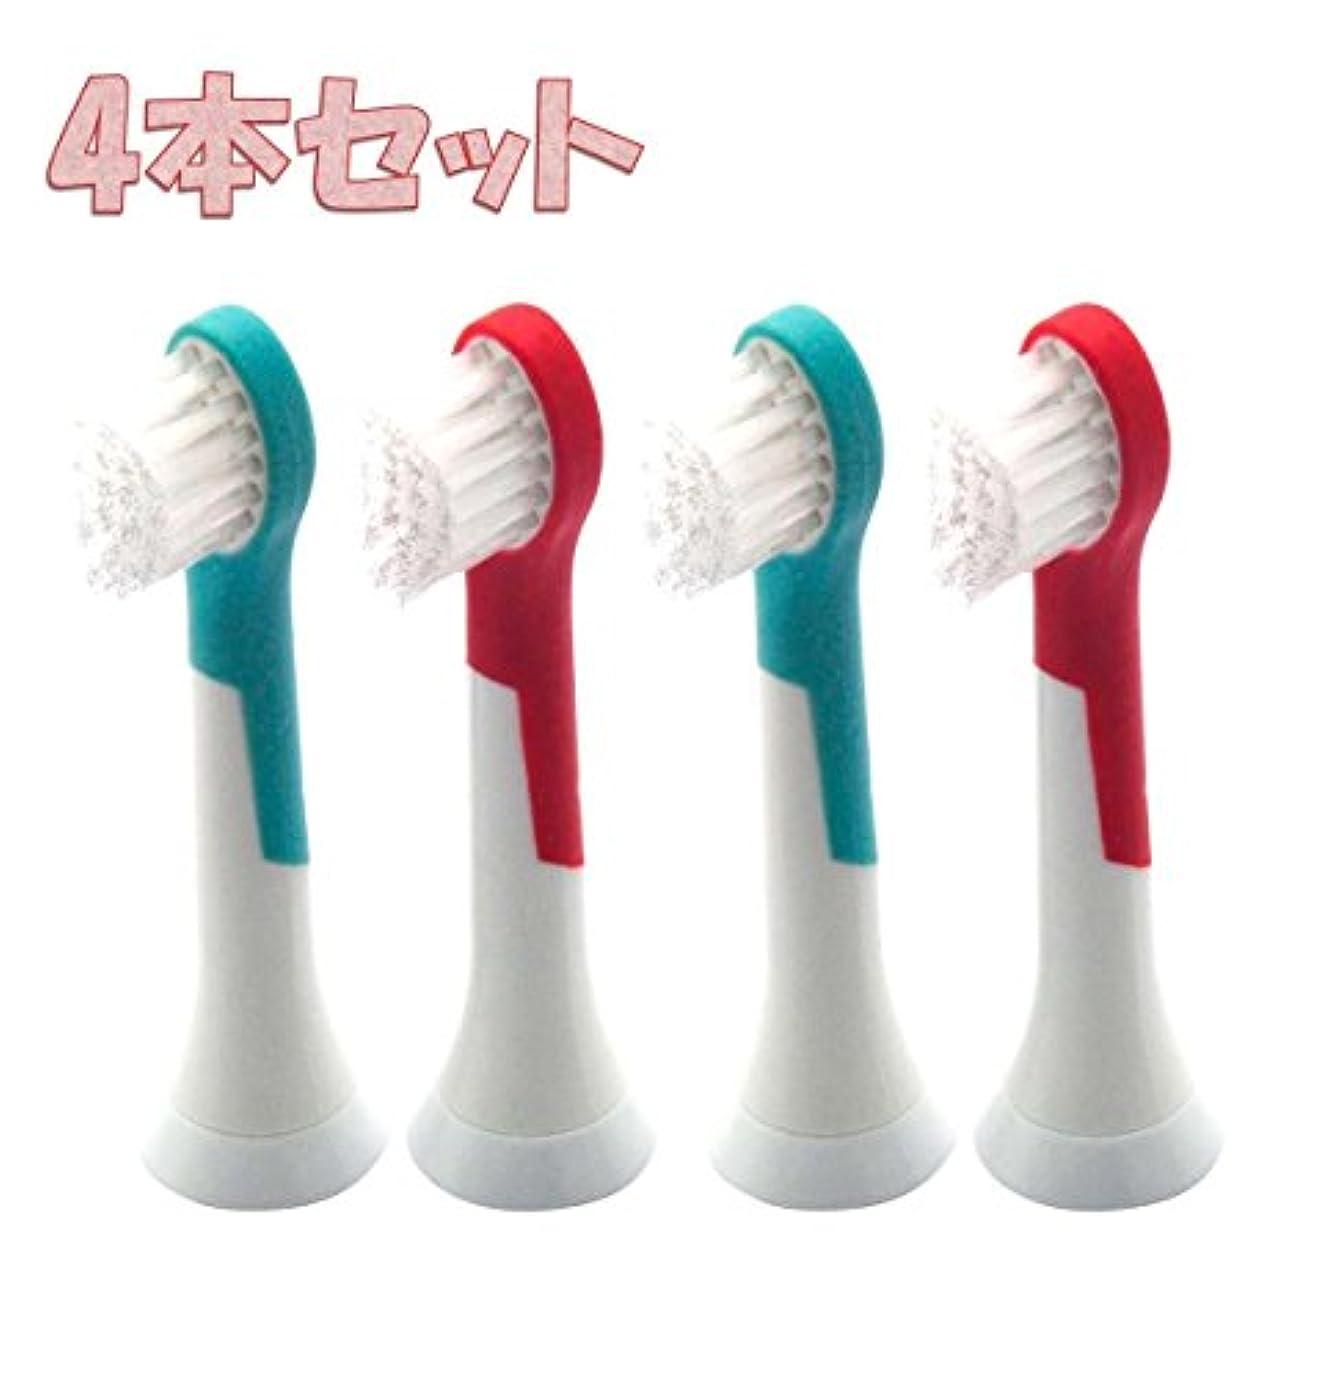 支払い効能ある薬局HX6034 替え歯ブラシ 互換 4本セット PHILIPS フィリップス ソニッケアー キッズ 4才以上用